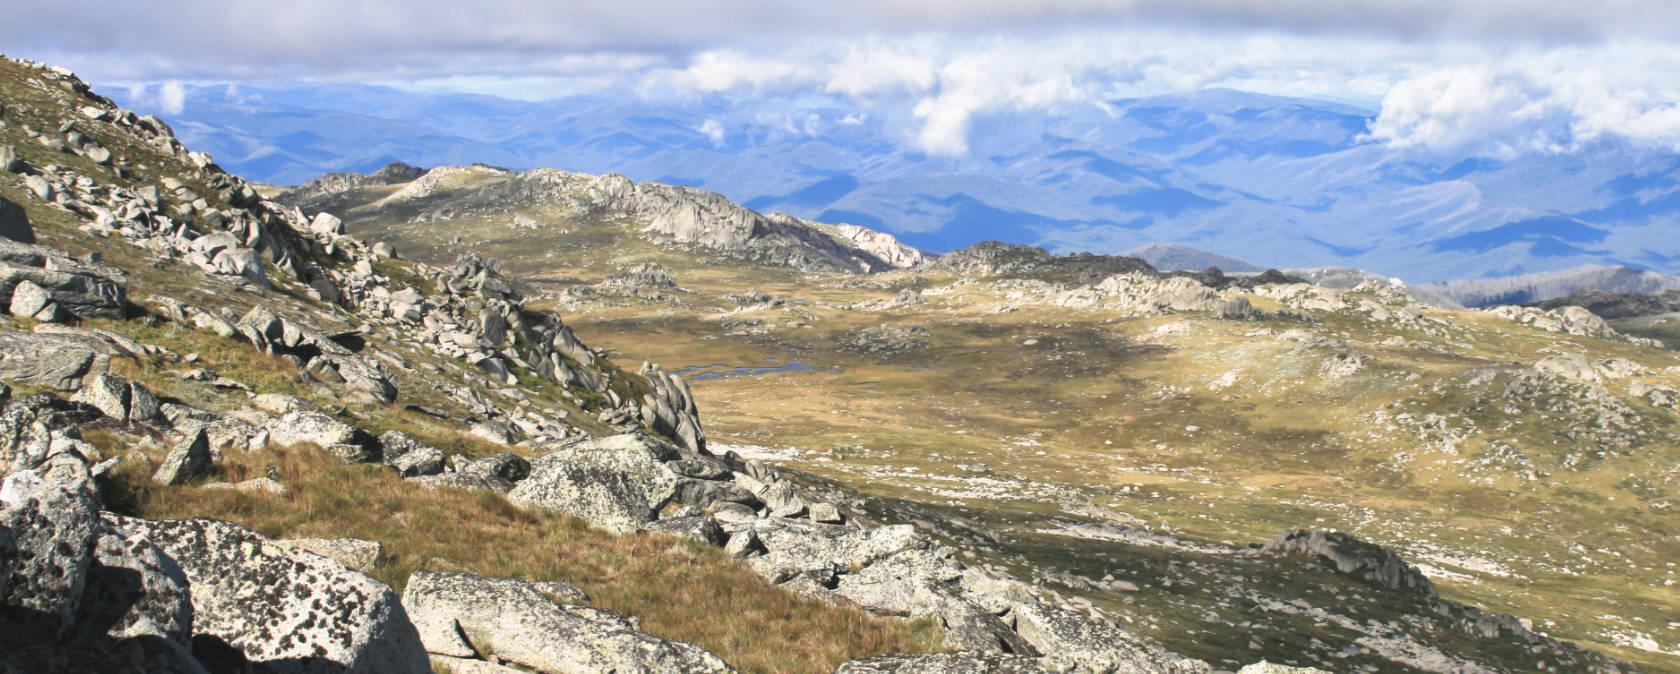 Rocky mountains under a blue sky